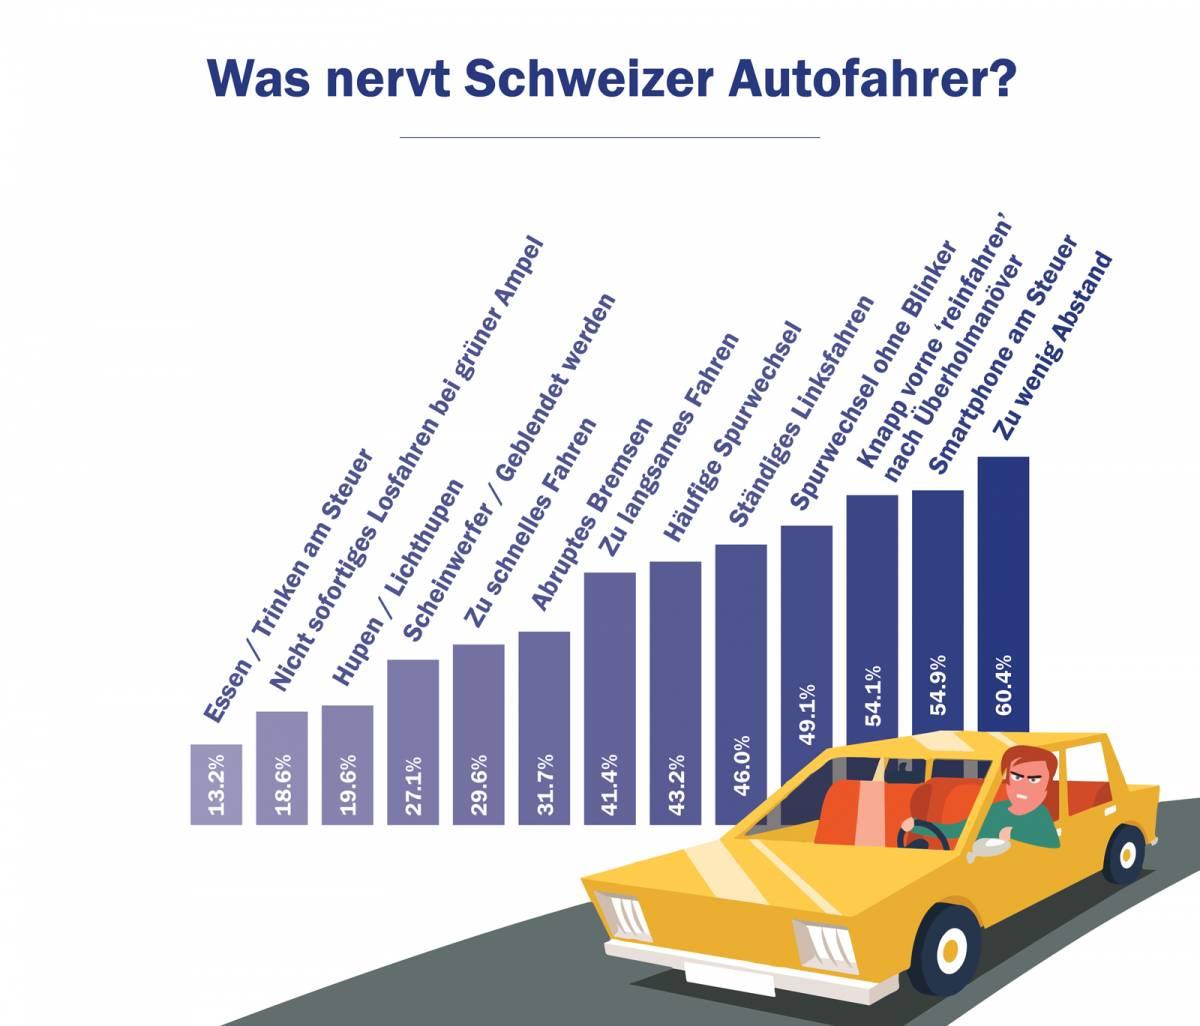 Das nervt Schweizer Autofahrer